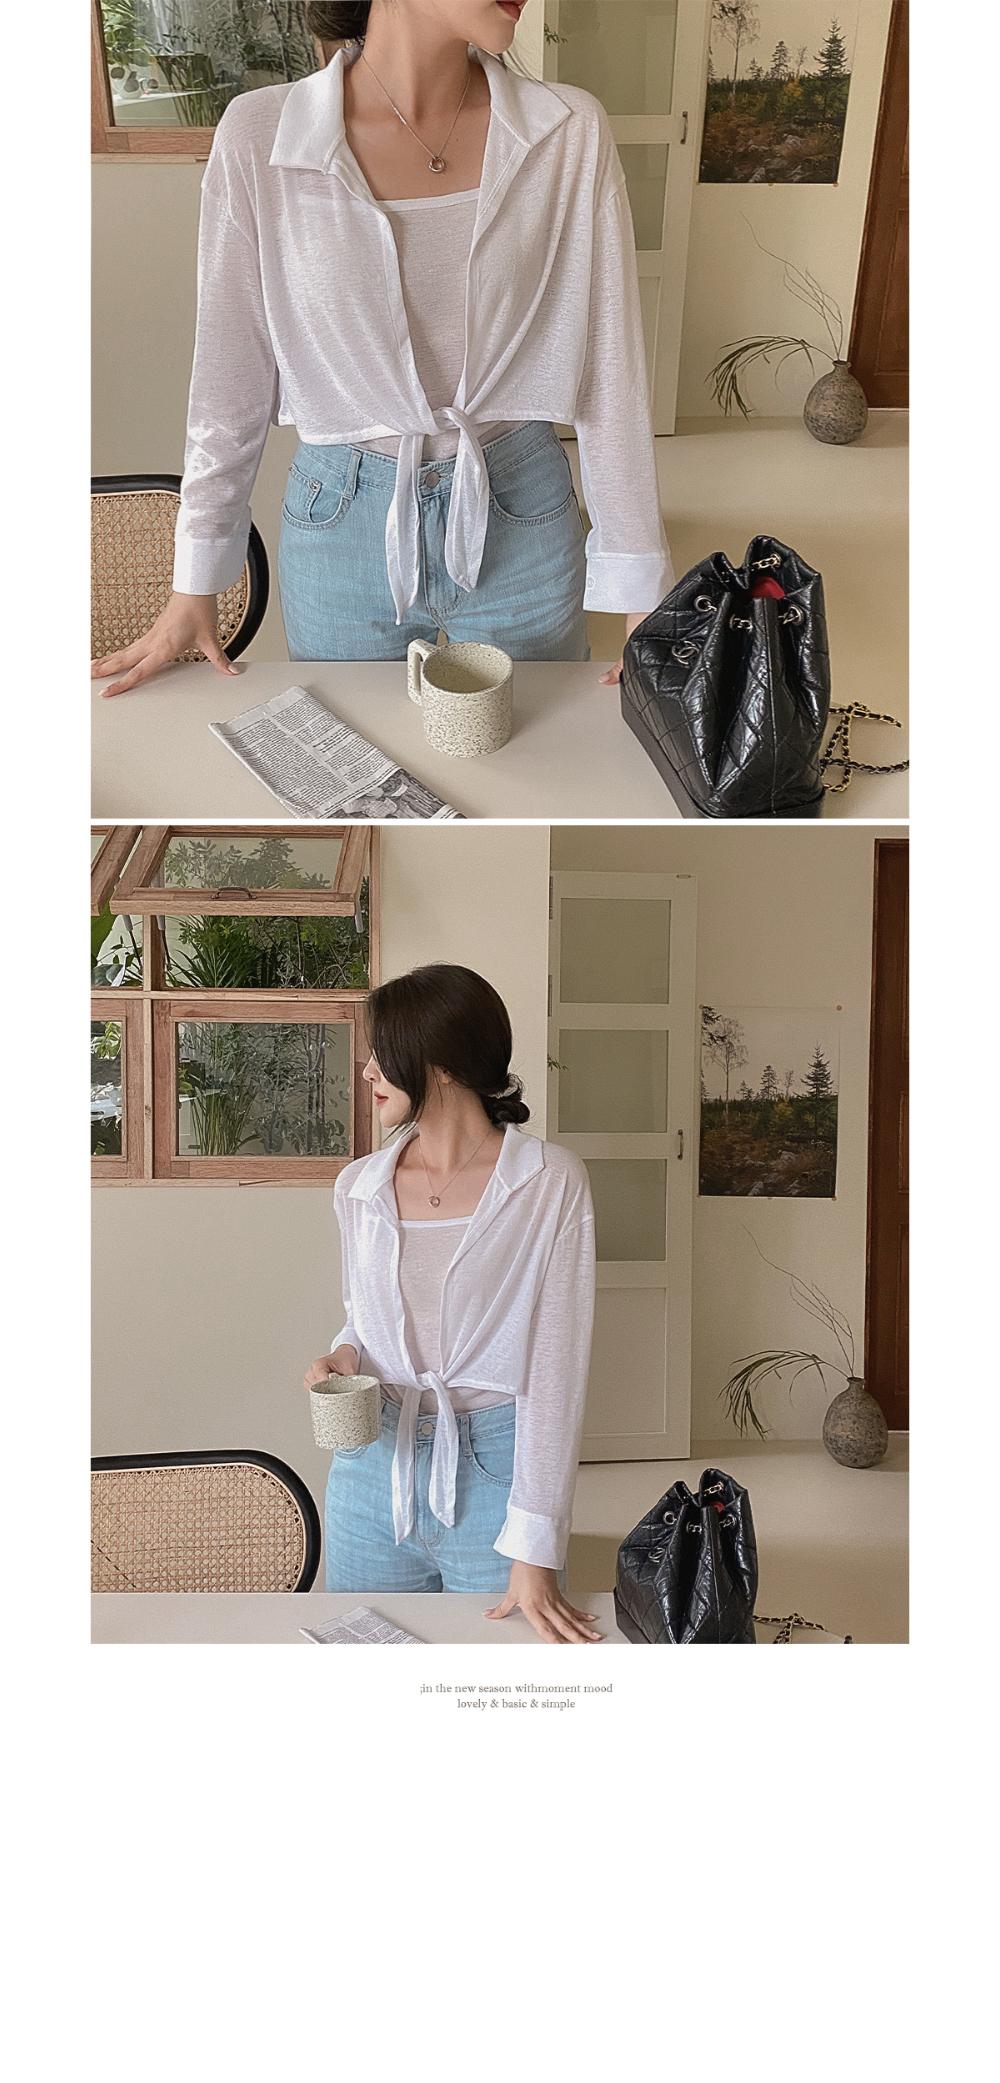 Aro sleeveless shirt - set